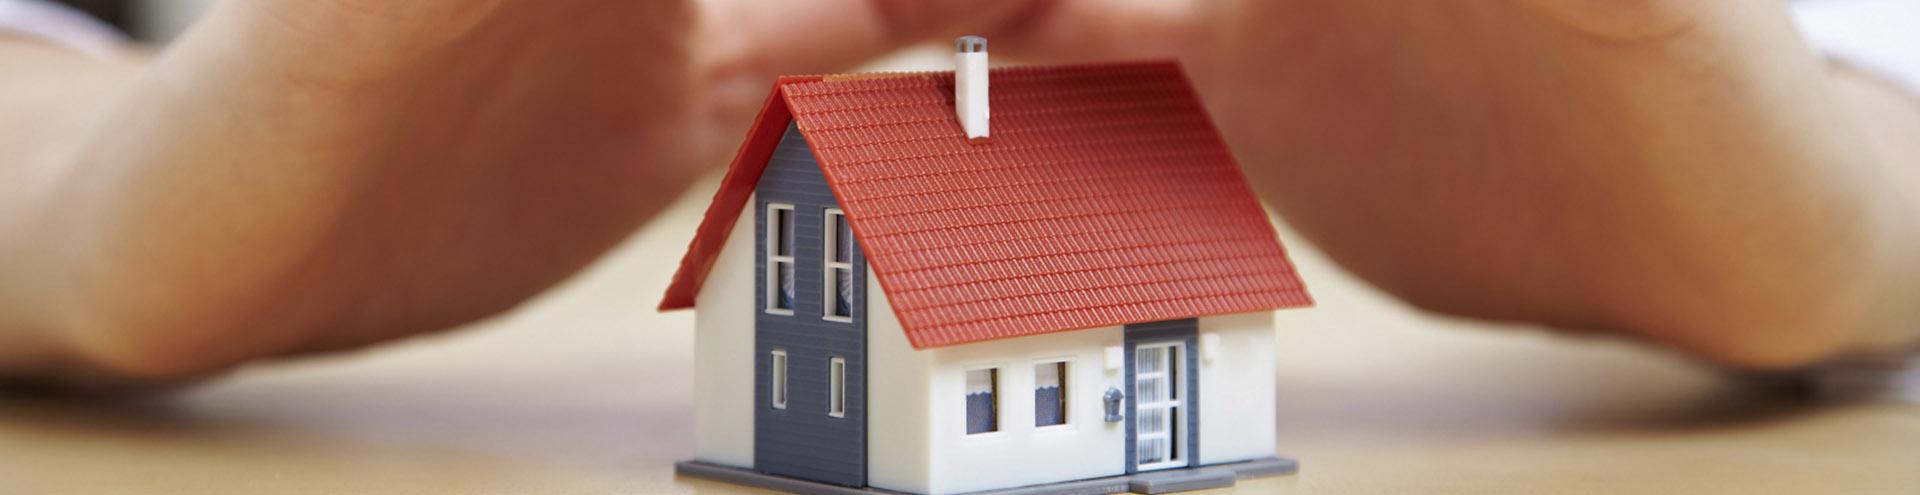 Жилищные споры, разрешение жилищных споров в Калуге и Калужской области